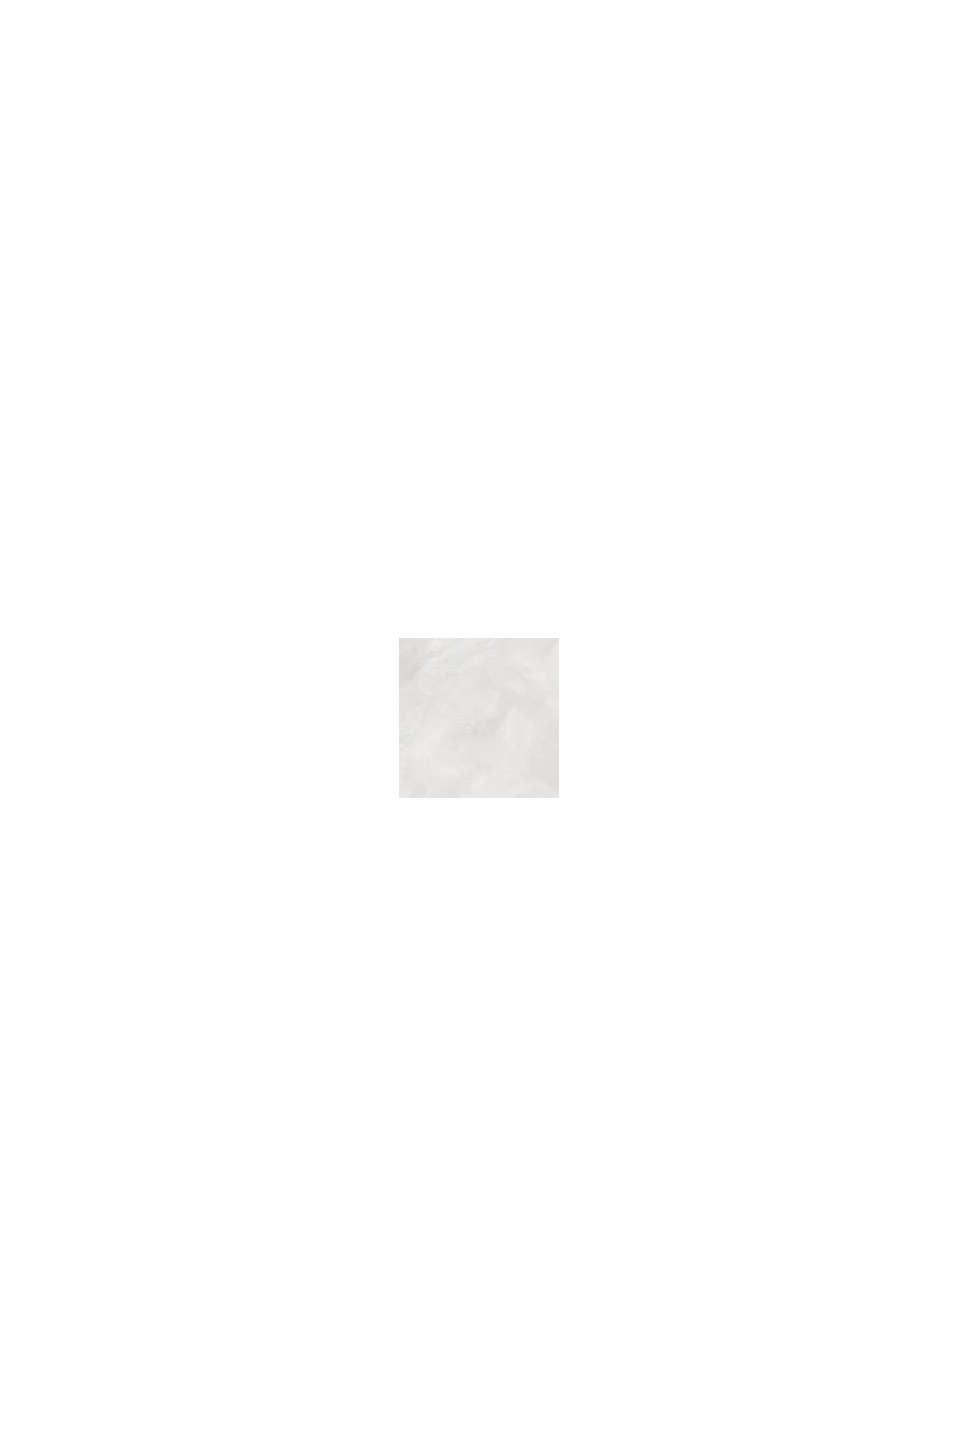 Gestructureerde trui van 100% biologisch katoen, OFF WHITE, swatch